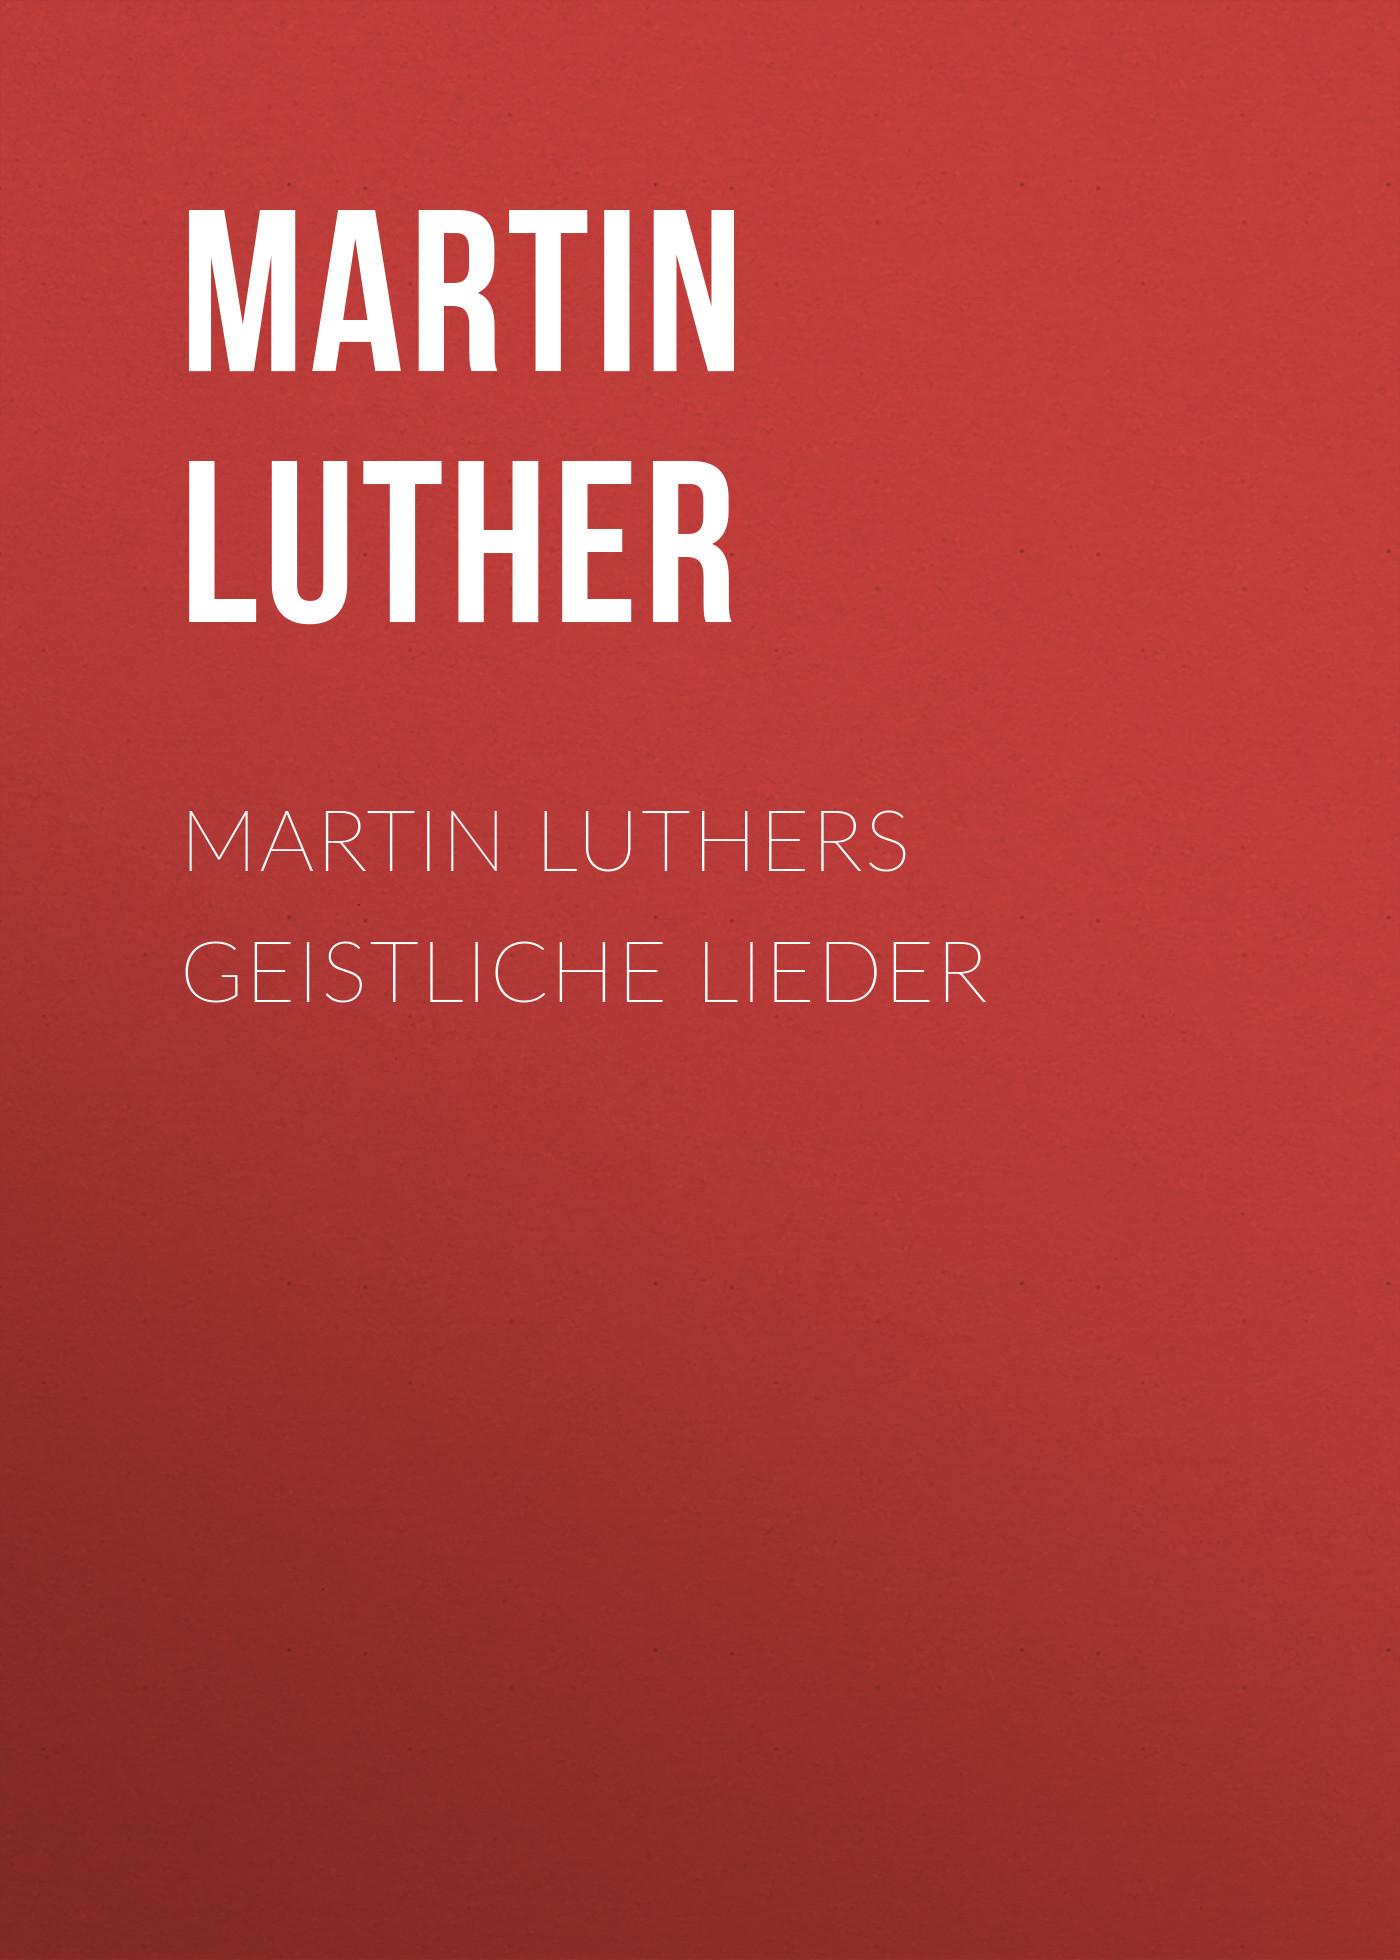 Martin Luther Martin Luthers Geistliche Lieder кеды martin pescatore